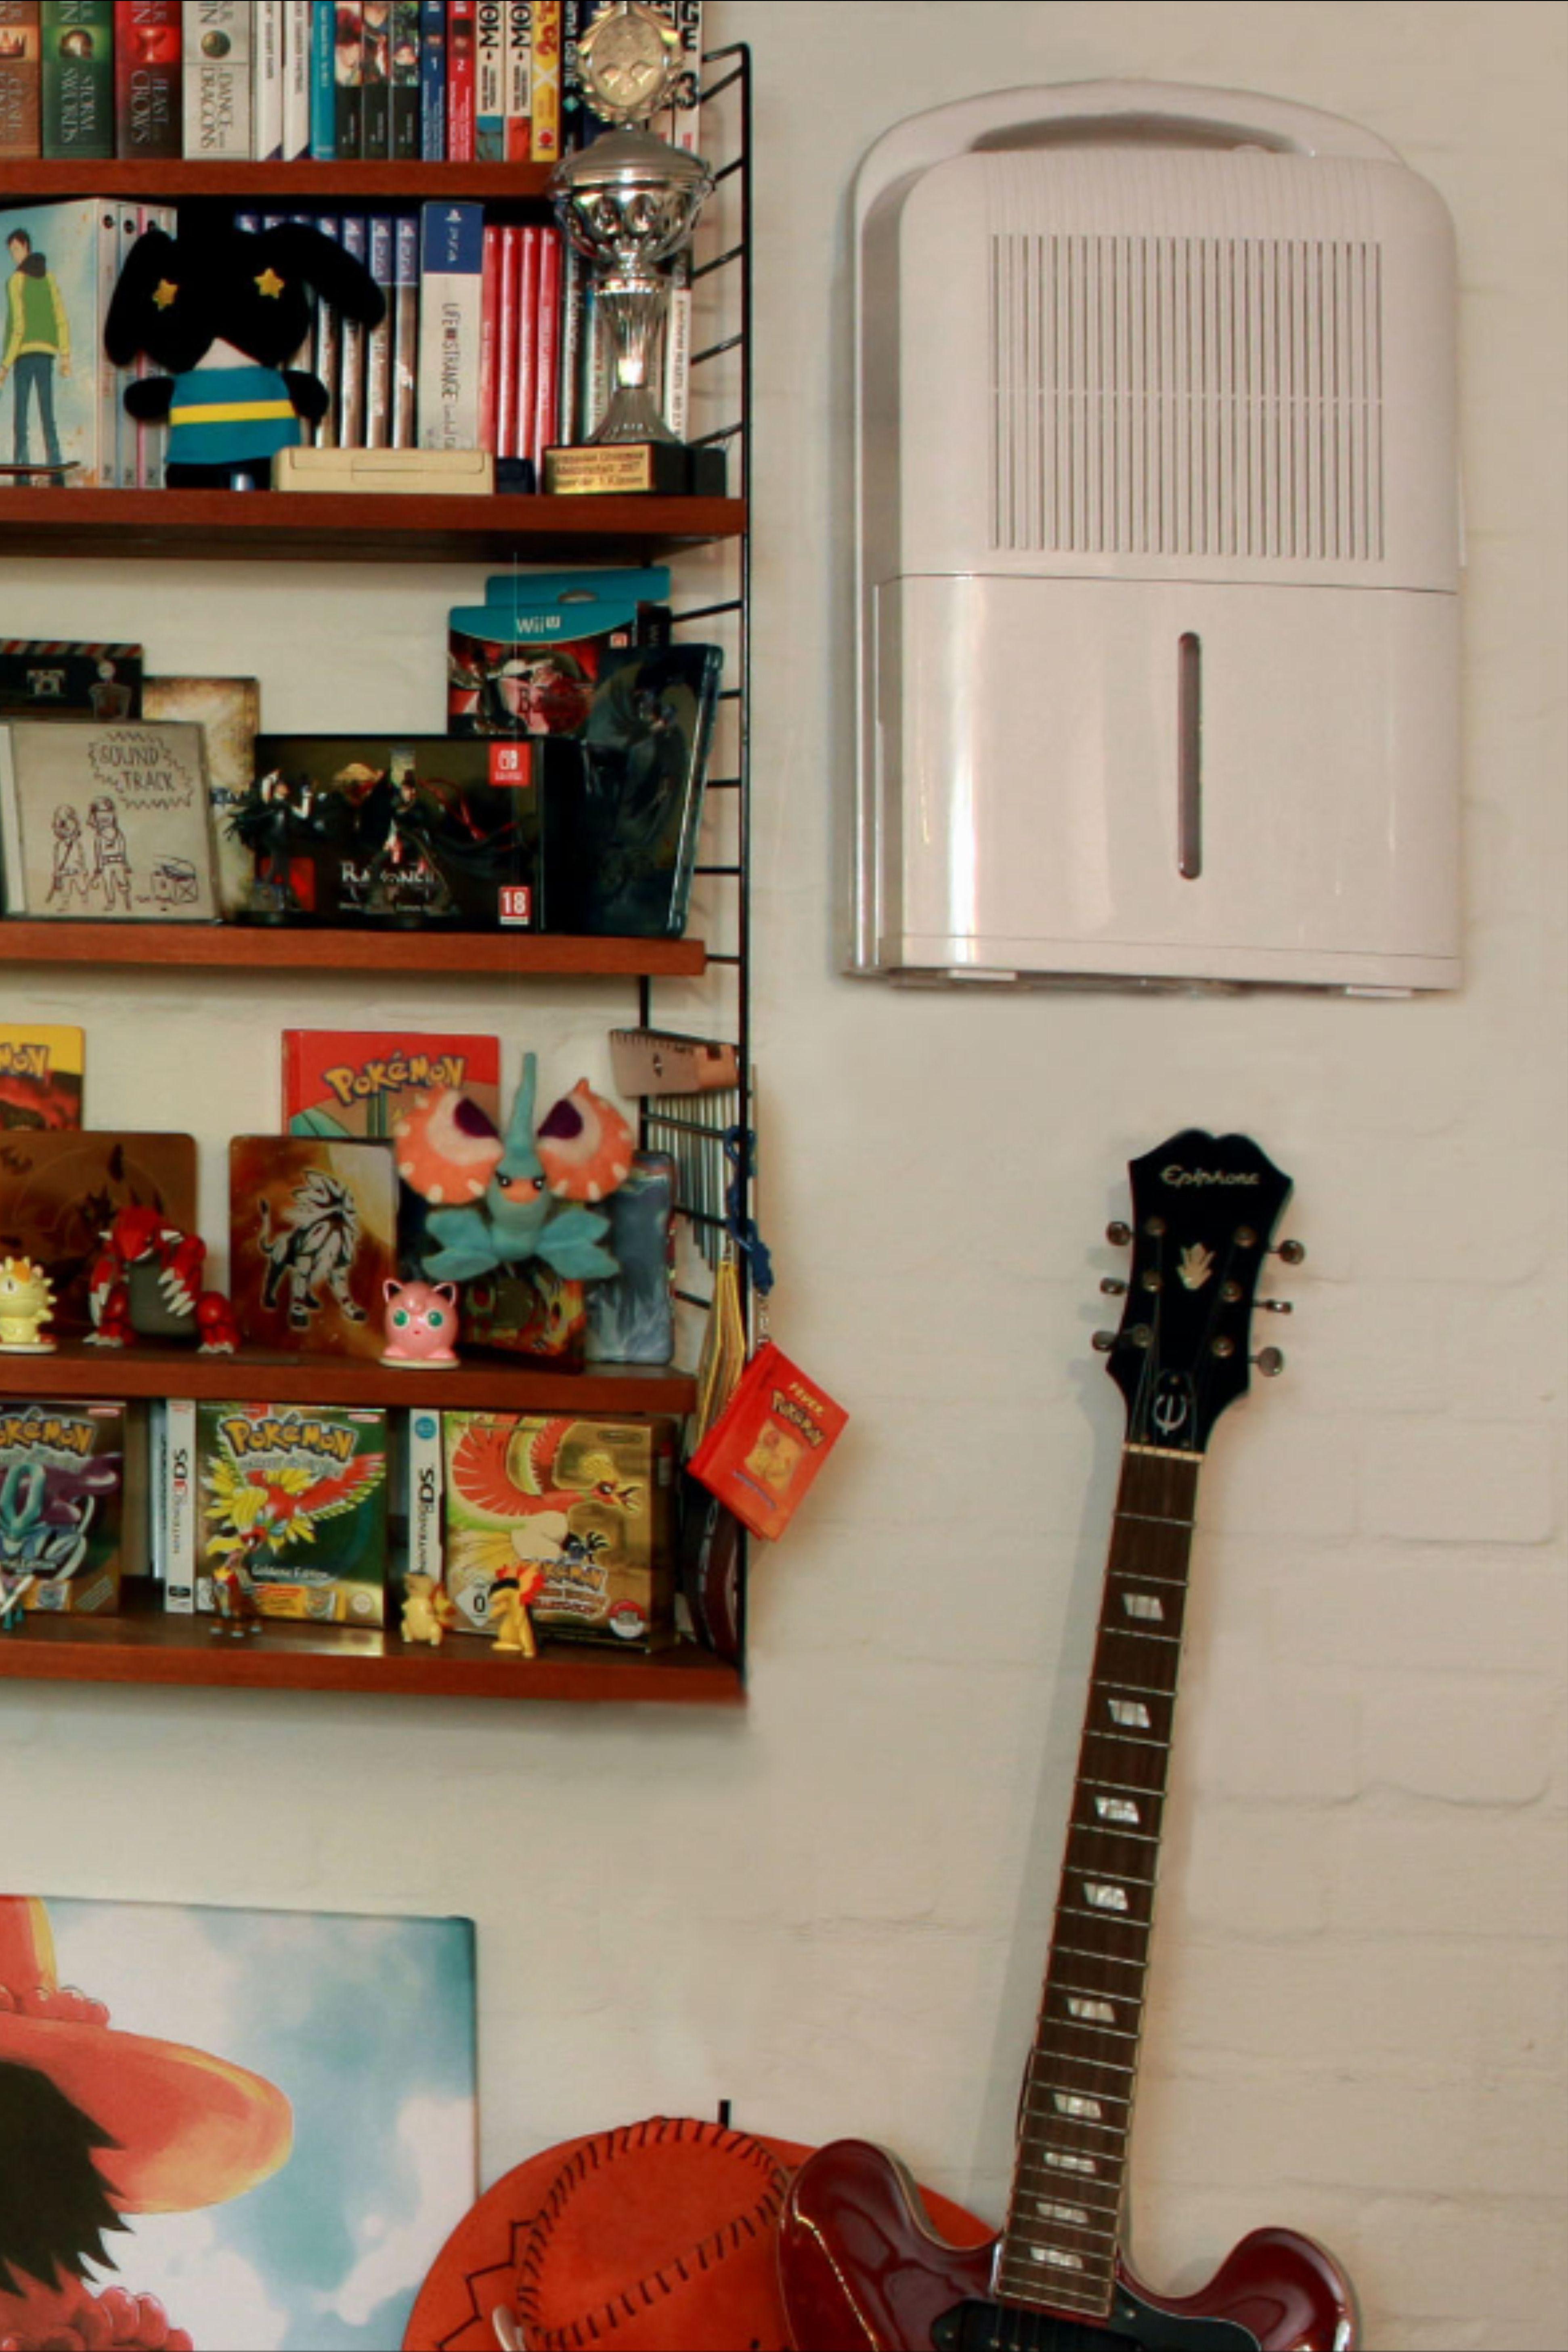 Der Luftentfeuchter Steht Nicht Auf Dem Boden Im Weg Herum Sondern Wird Platzsparend An Der Wand Montiert Mit Bildern Luftentfeuchter Wande Luft